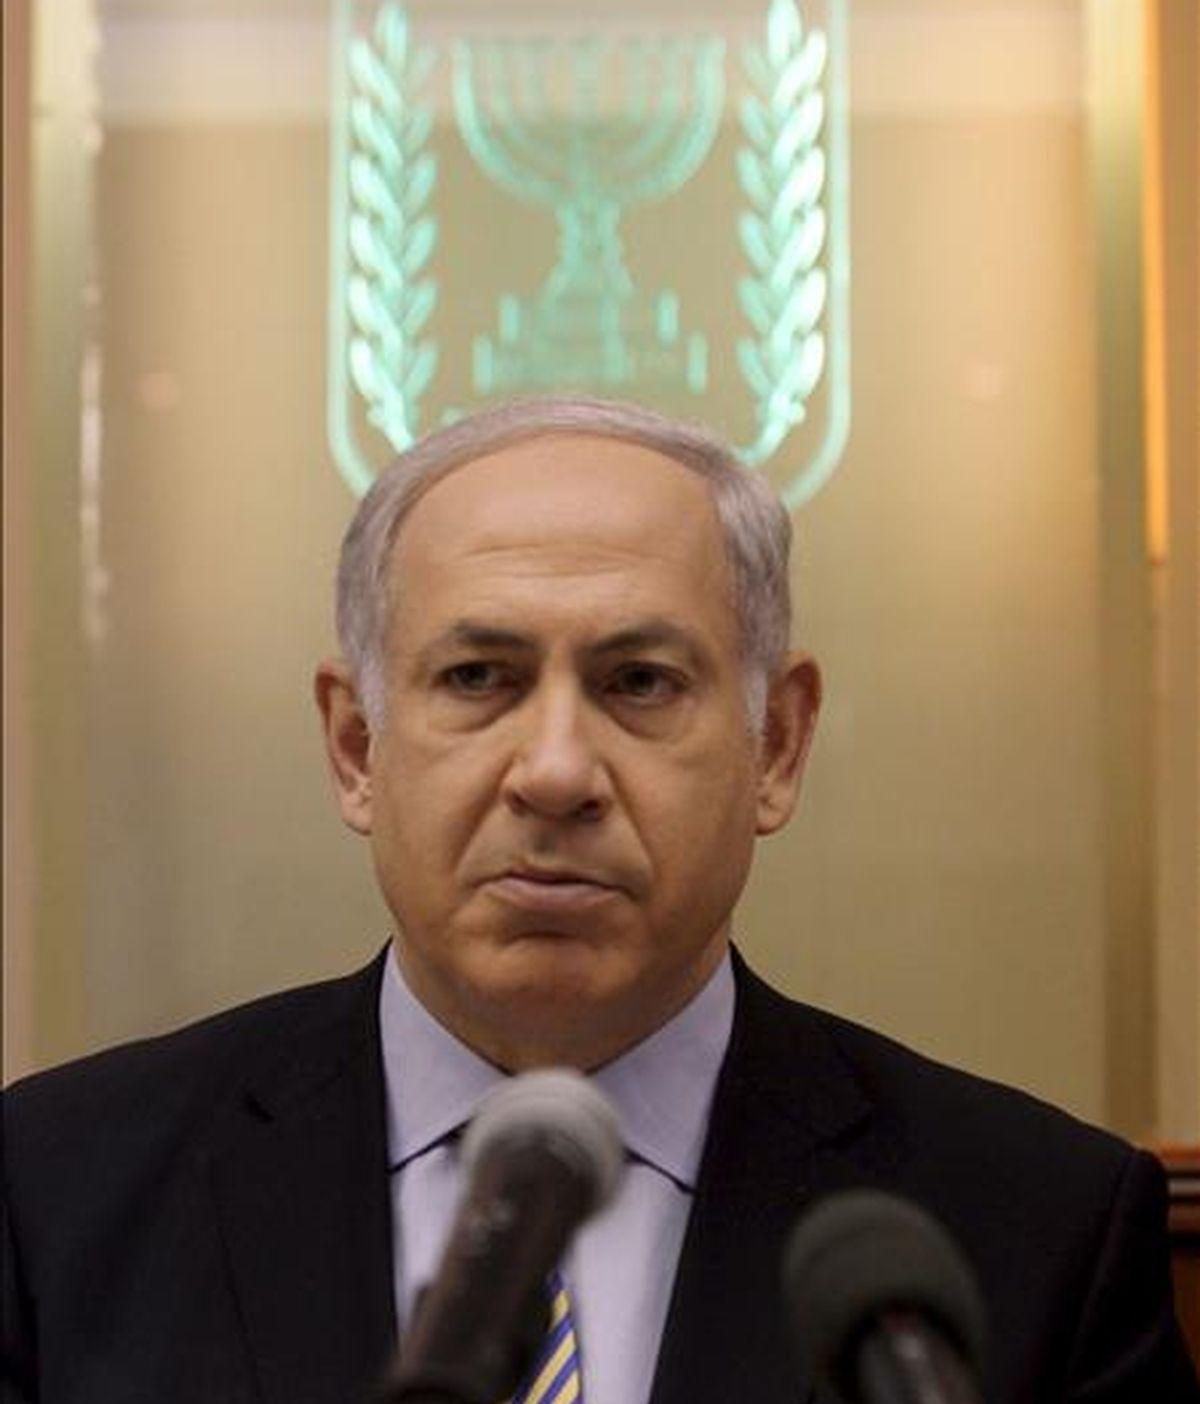 El primer ministro israelí, Benjamin Netanyahu, participa hoy en la reunión semanal de su gabinete en Jerusalén (Israel). EFE